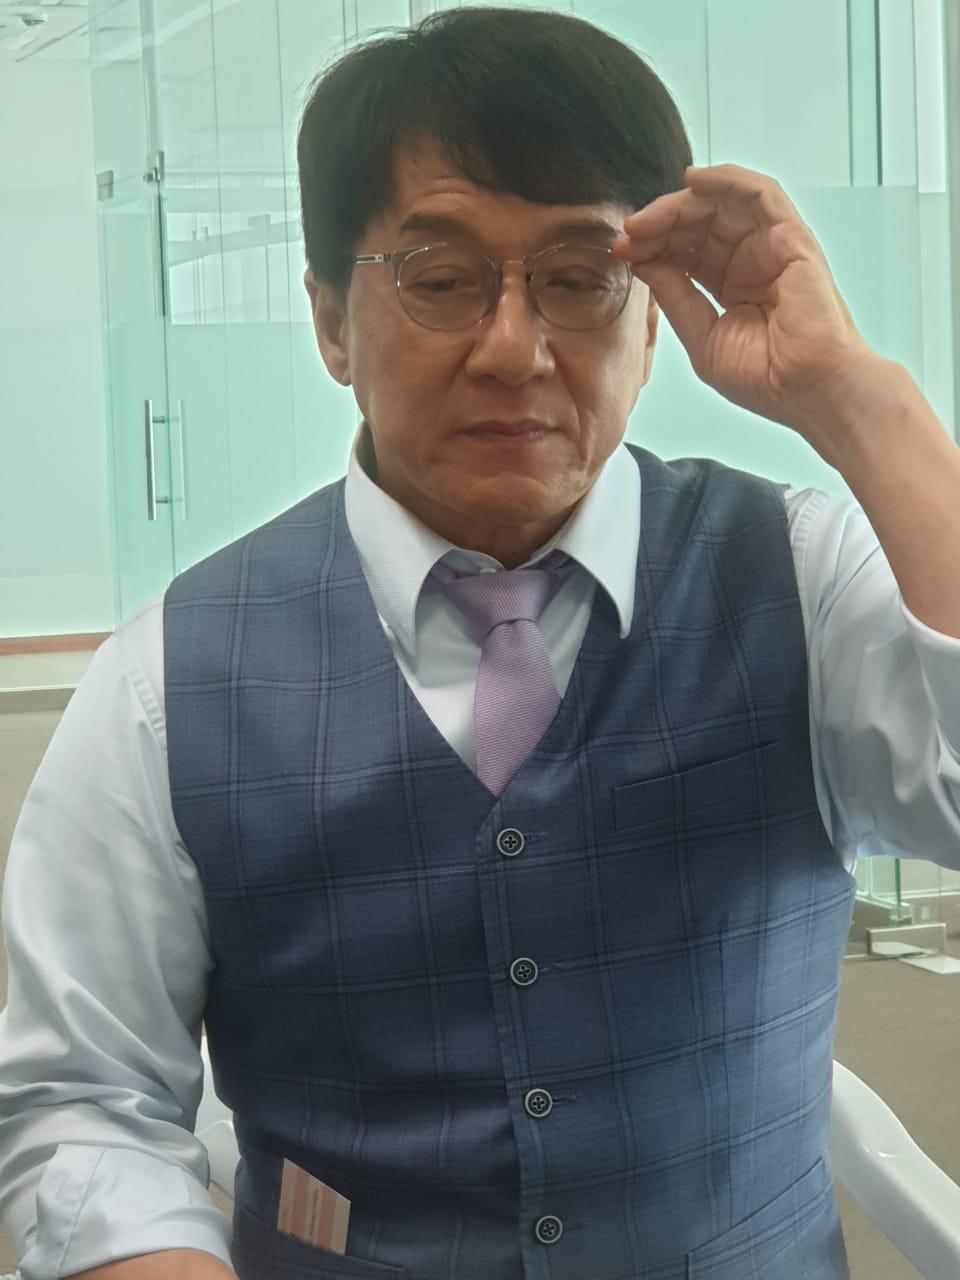 الممثل العالمي جاكي شان يتحدث في دبي عن فيلمه الجديد فان جارد